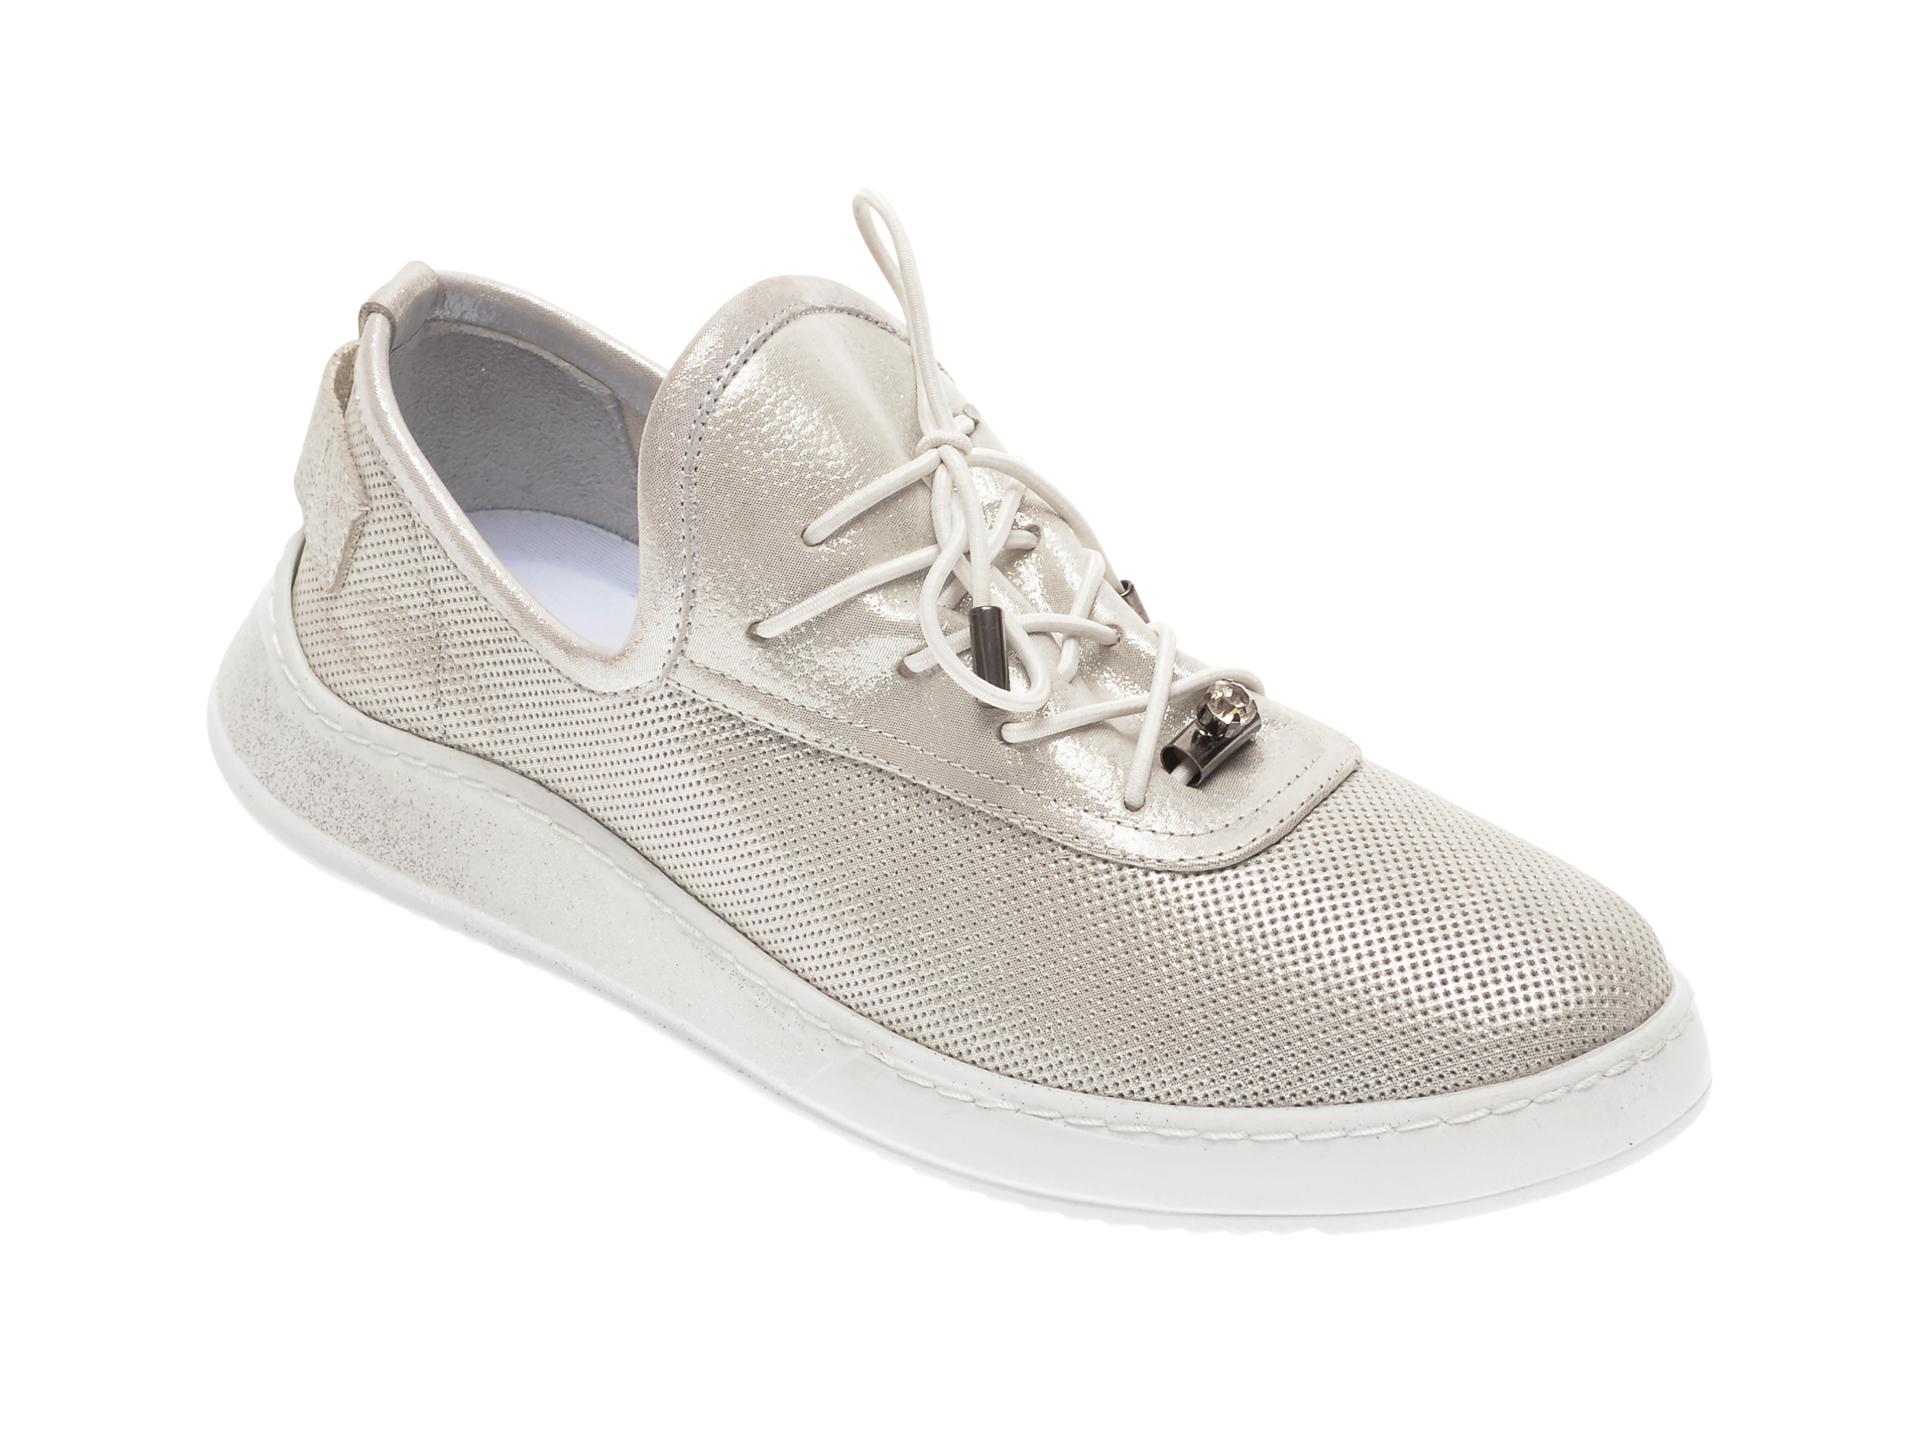 Pantofi BABOOS argintii, 0908, din piele naturala